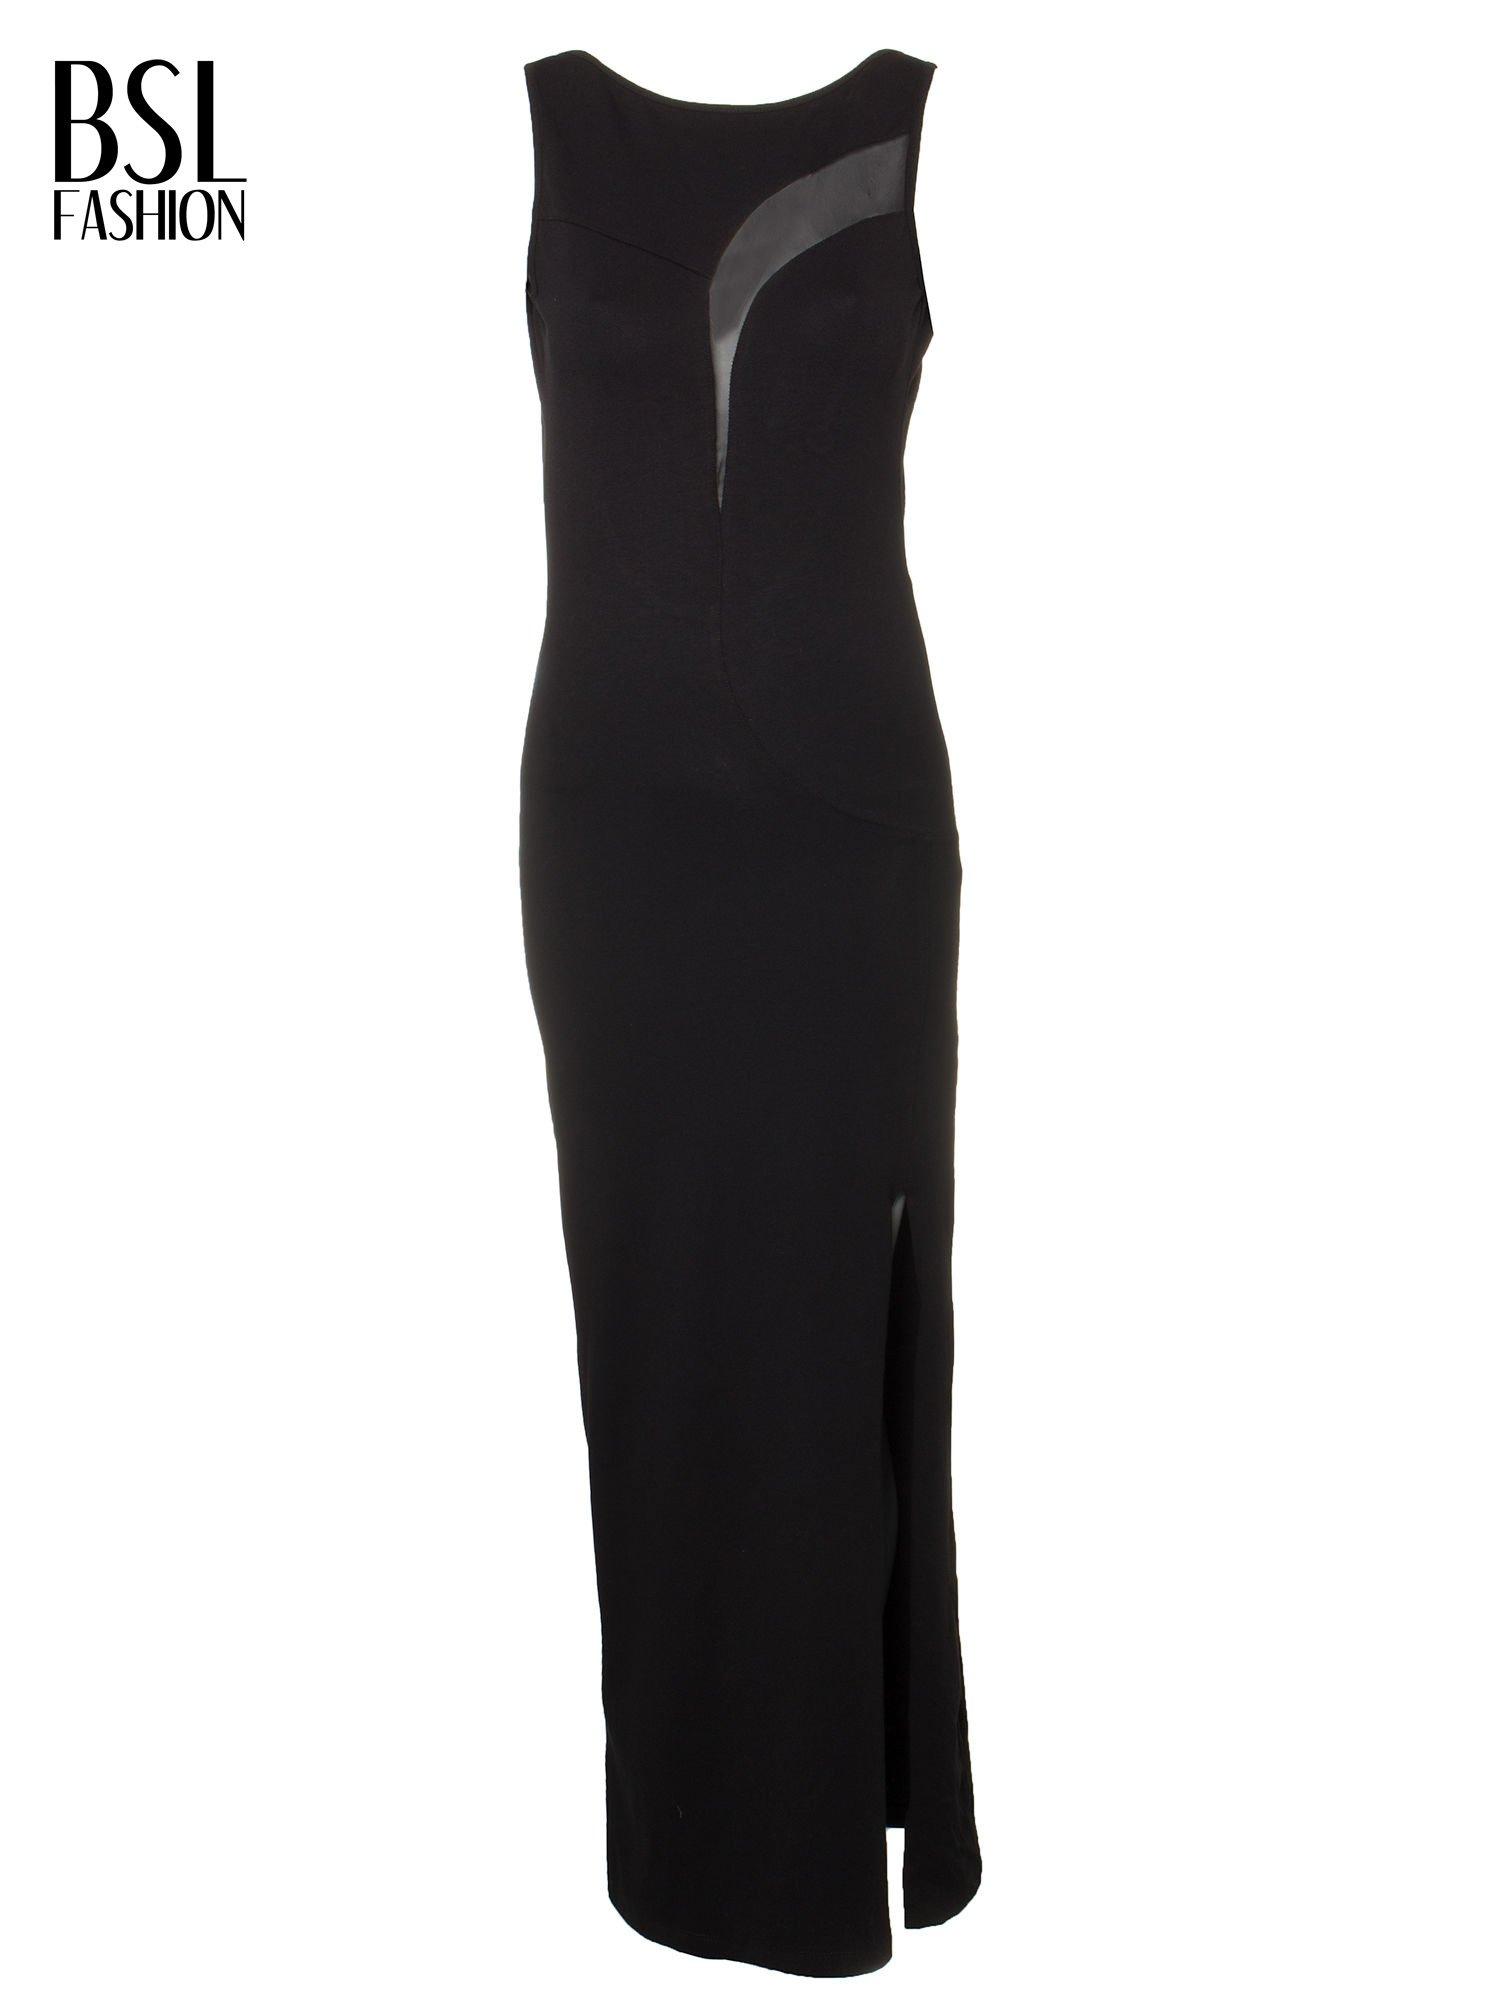 Czarna wieczorowa sukienka maxi z transparentną wstawką i dekoltem a plecach                                  zdj.                                  4